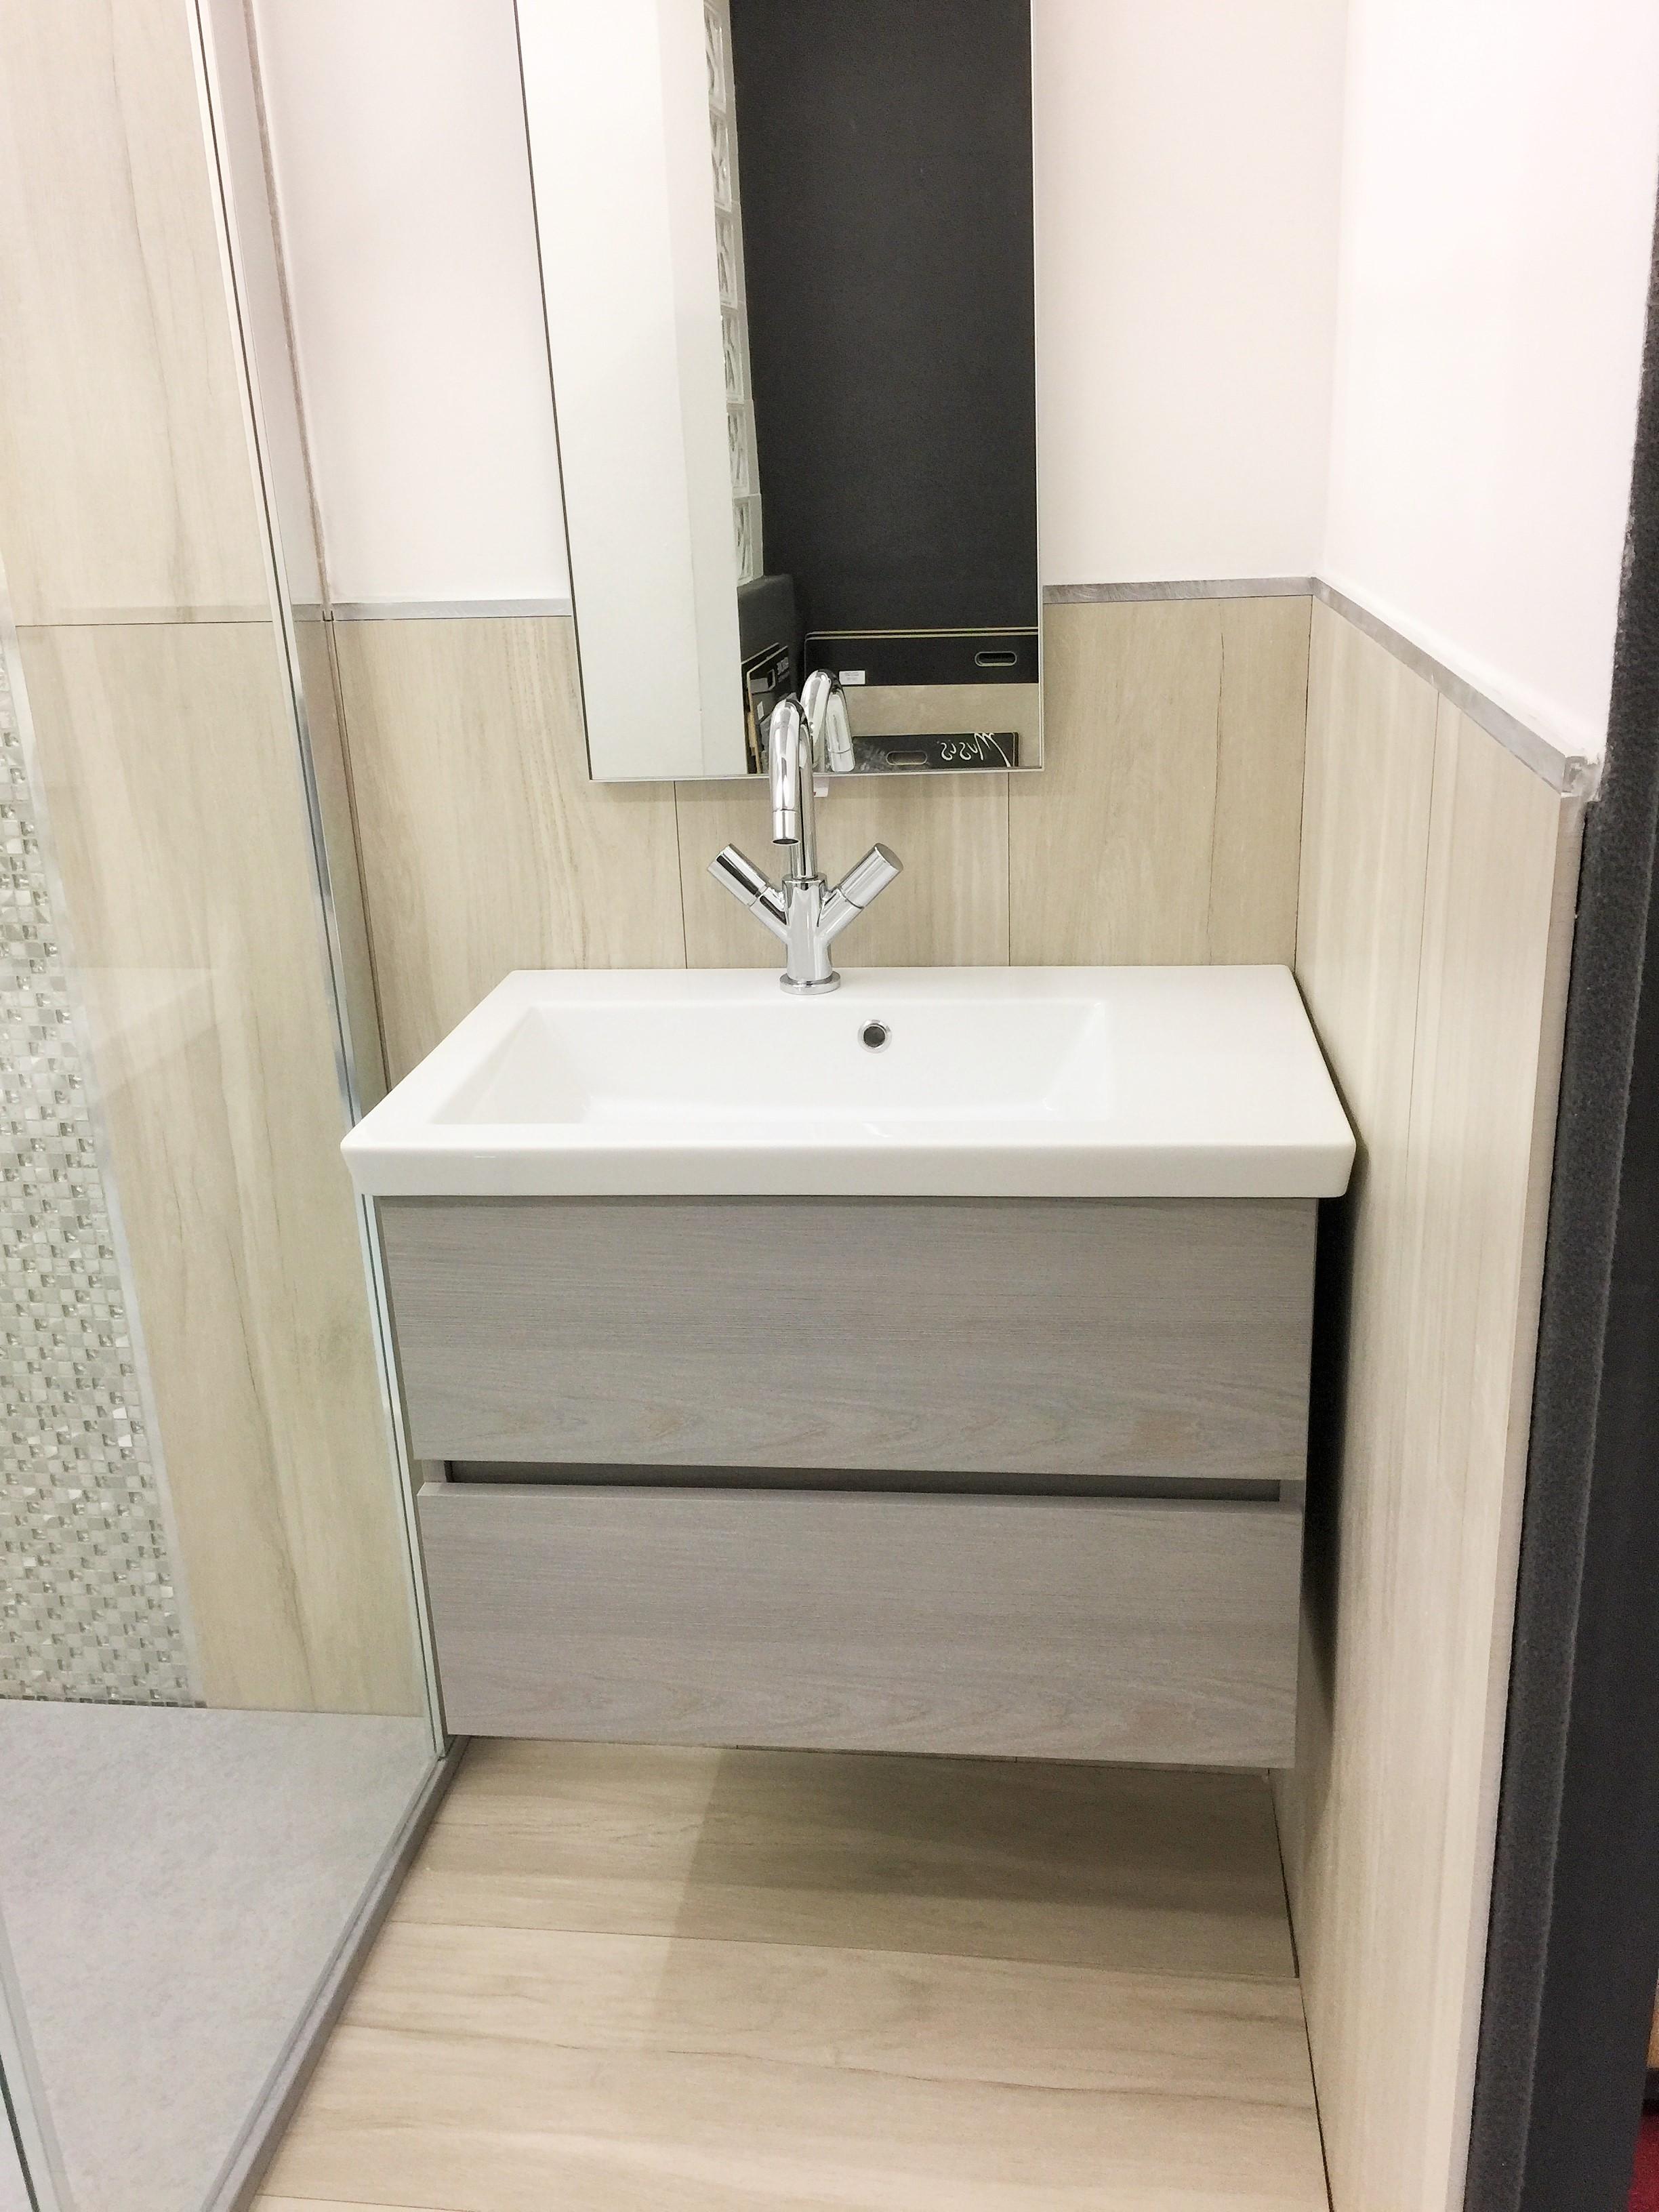 EDILCOM Fancelli – OFFERTA mobile ideale per bagno di piccole dimensioni